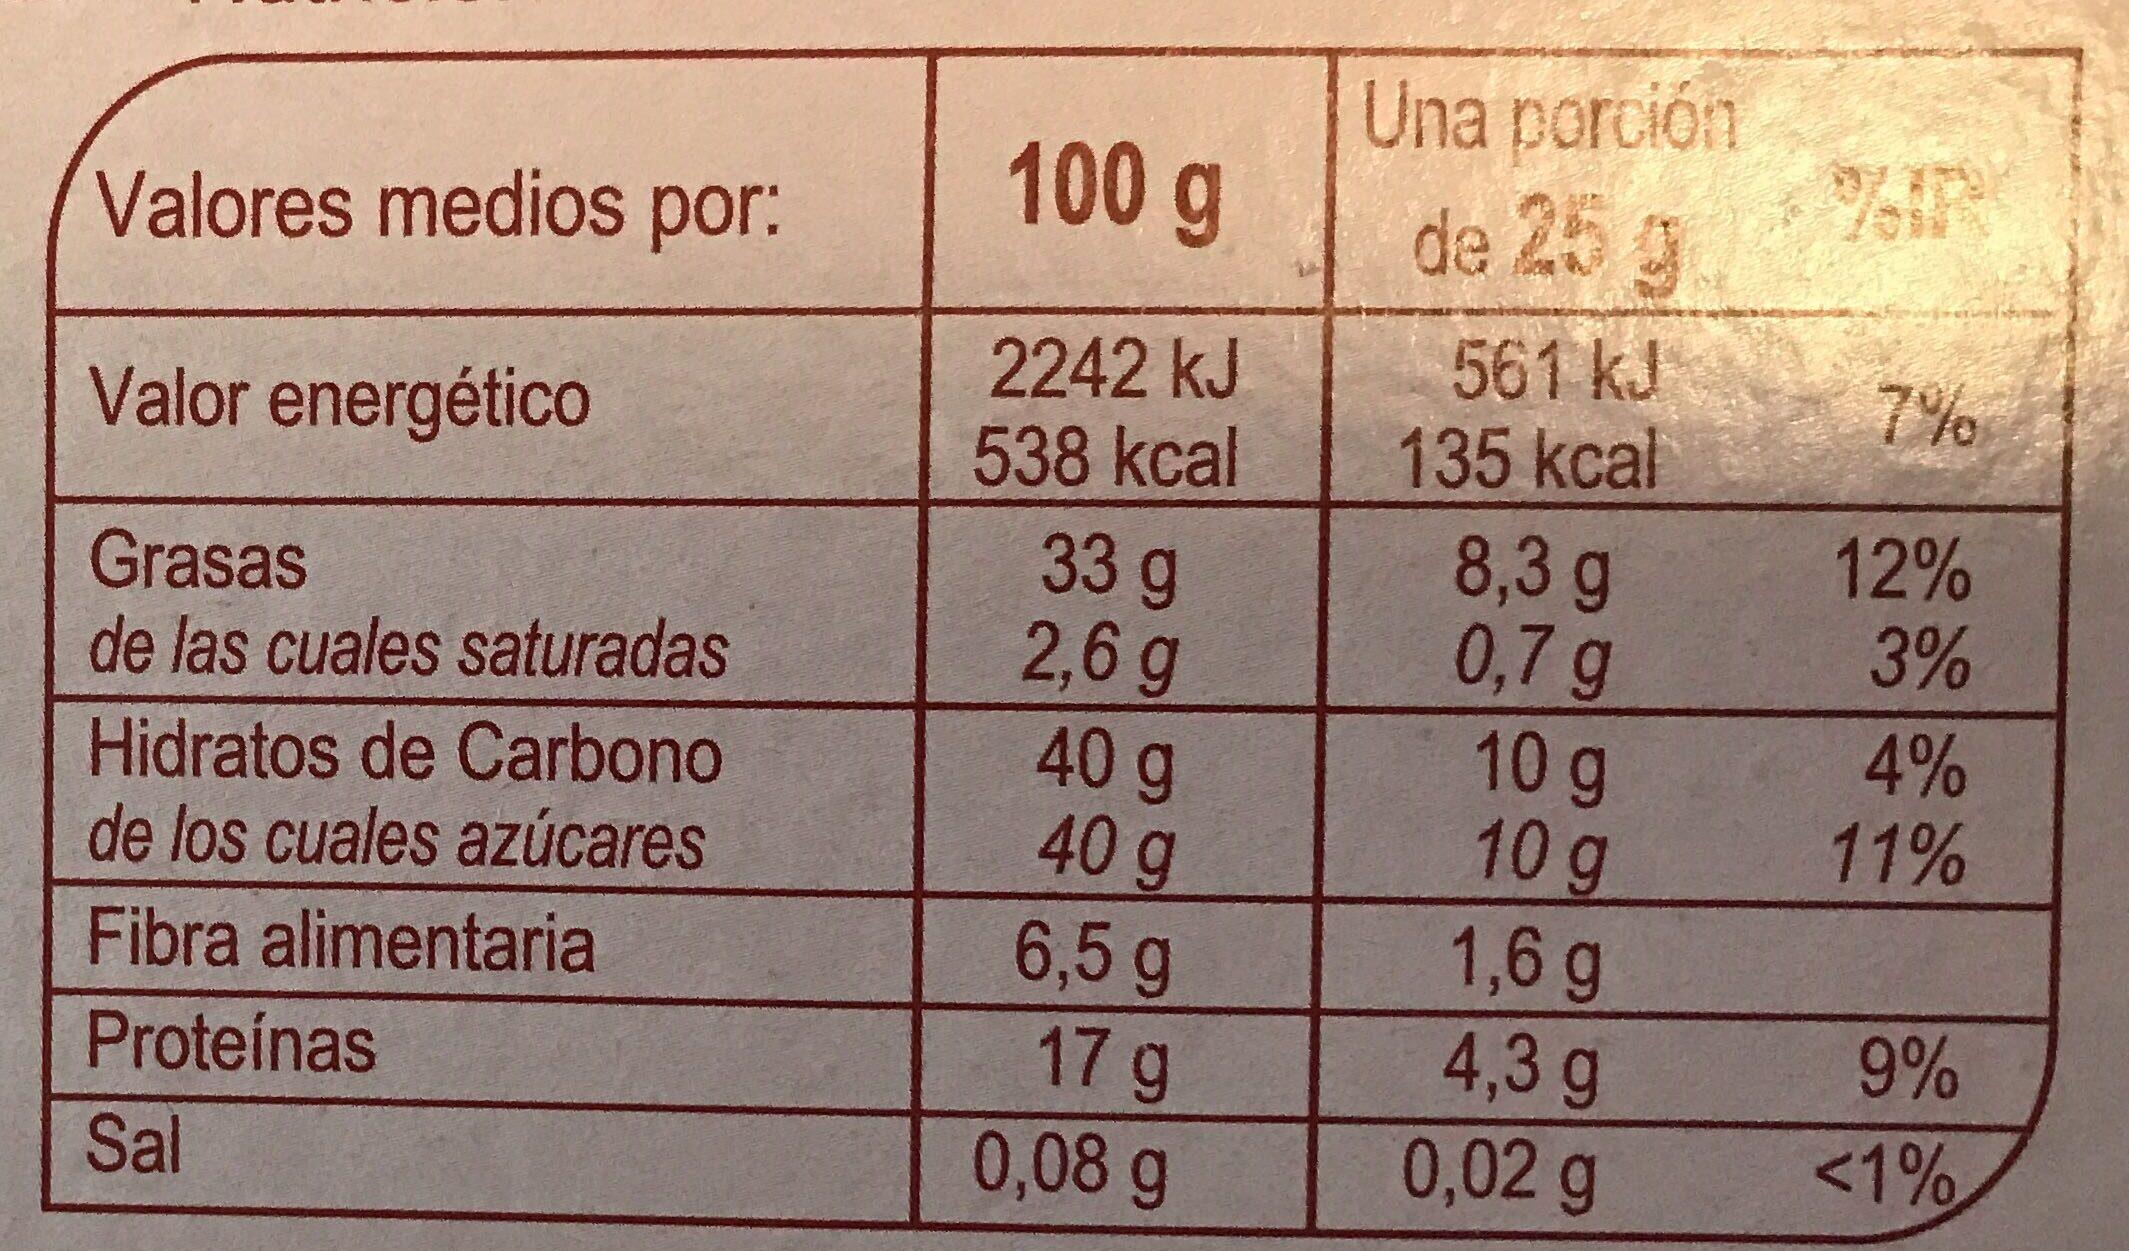 Turrón duro alicante calidad suprema - Información nutricional - es